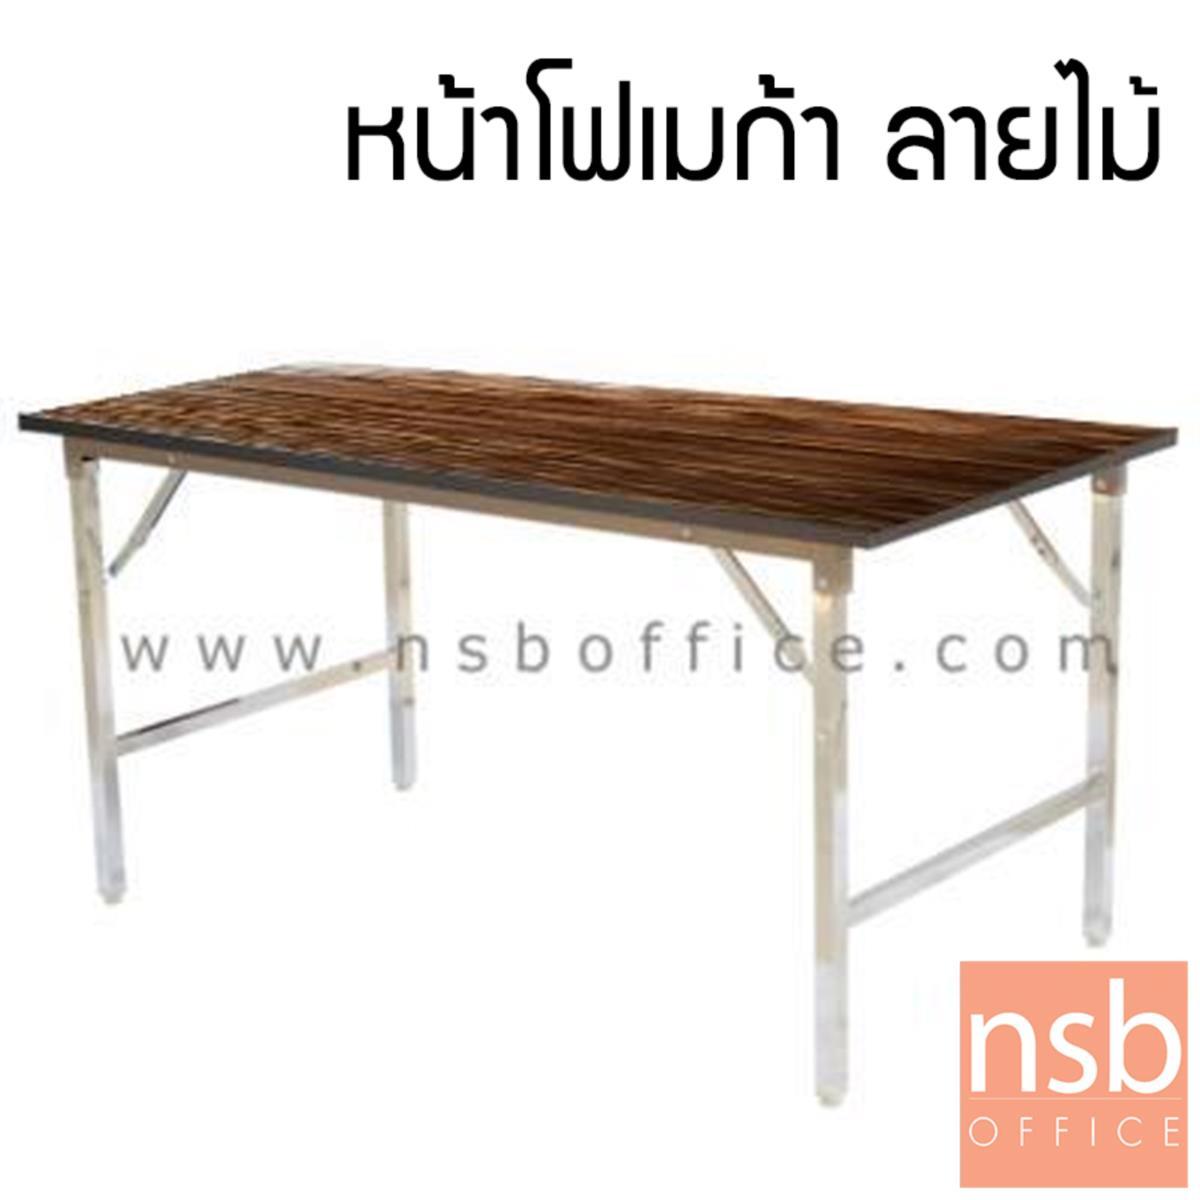 A07A075:โต๊ะพับหน้าโฟเมก้าลายไม้ รุ่น navut (นาวุต)